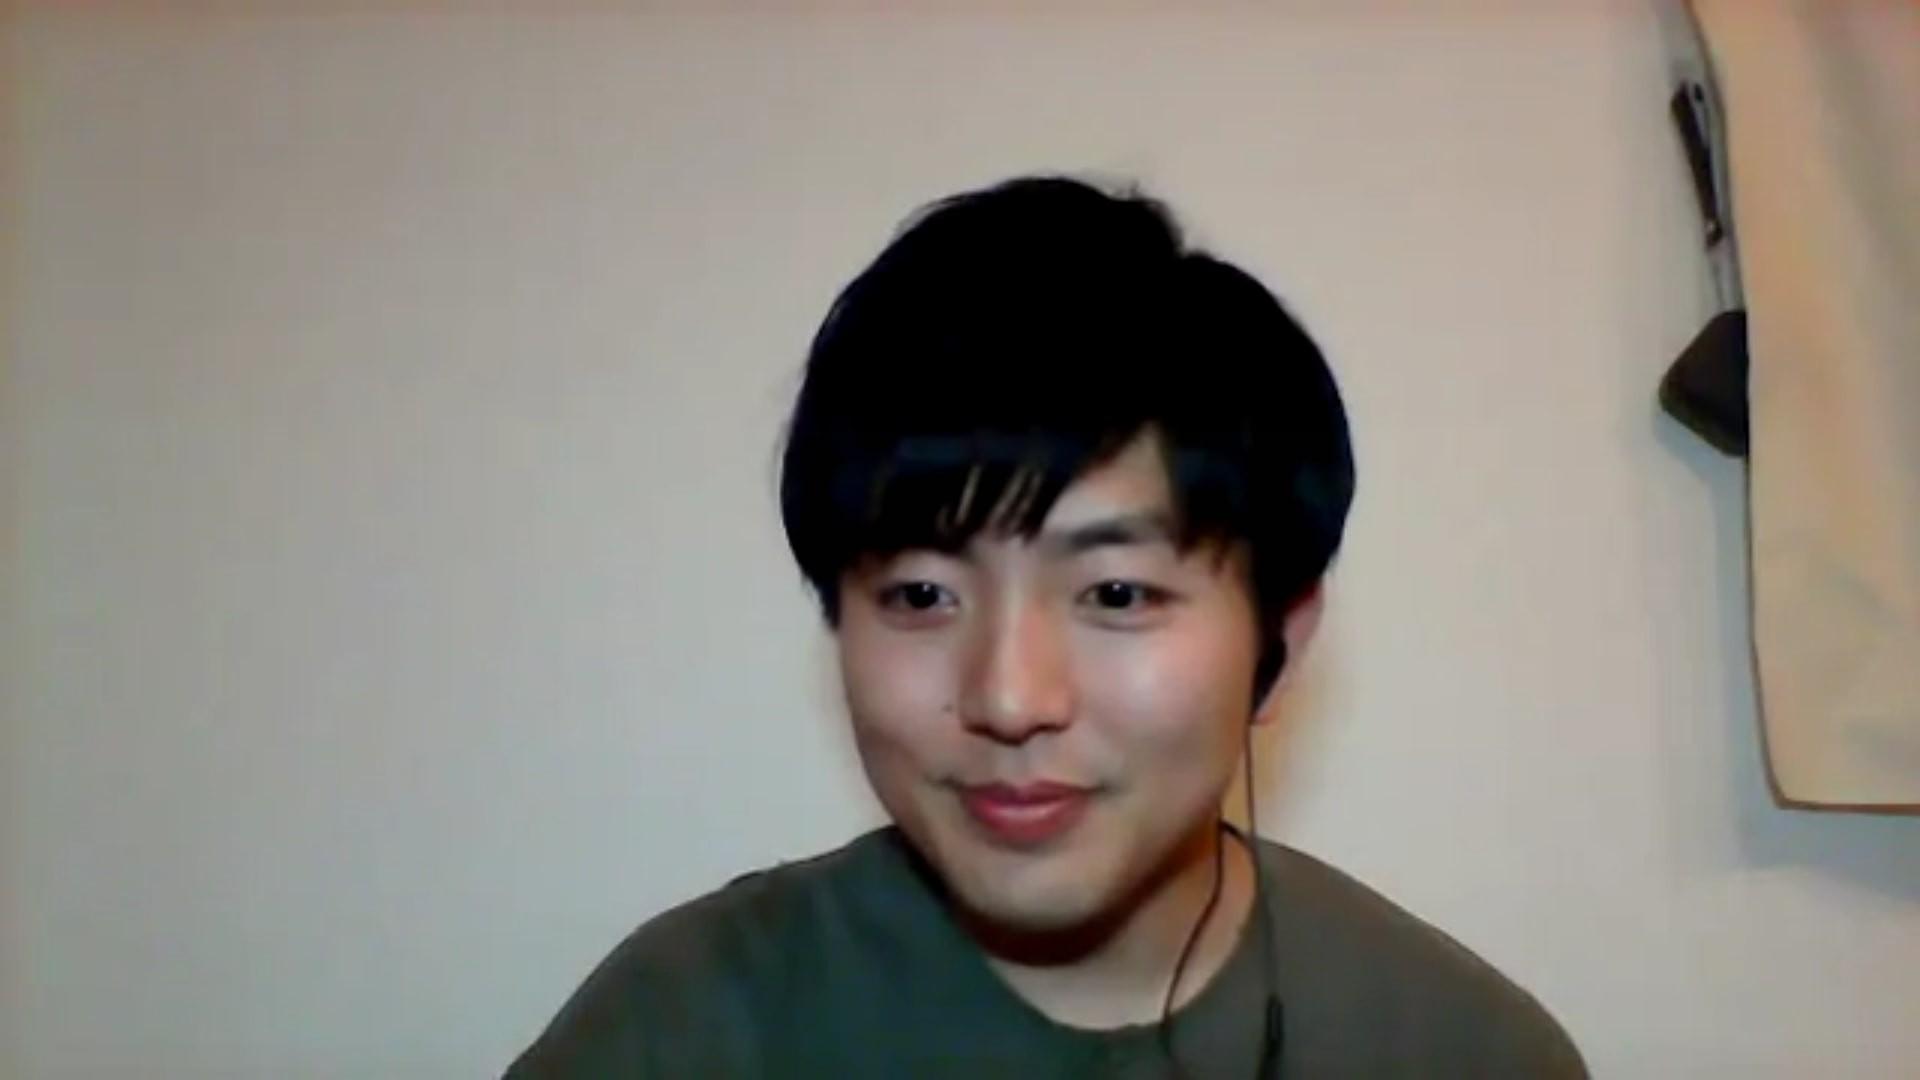 Anh chàng Nhật Bản mặt bụ, cười tươi như hoa khiến chị em ghen tị vì có làn da đẹp như da em bé - Ảnh 2.